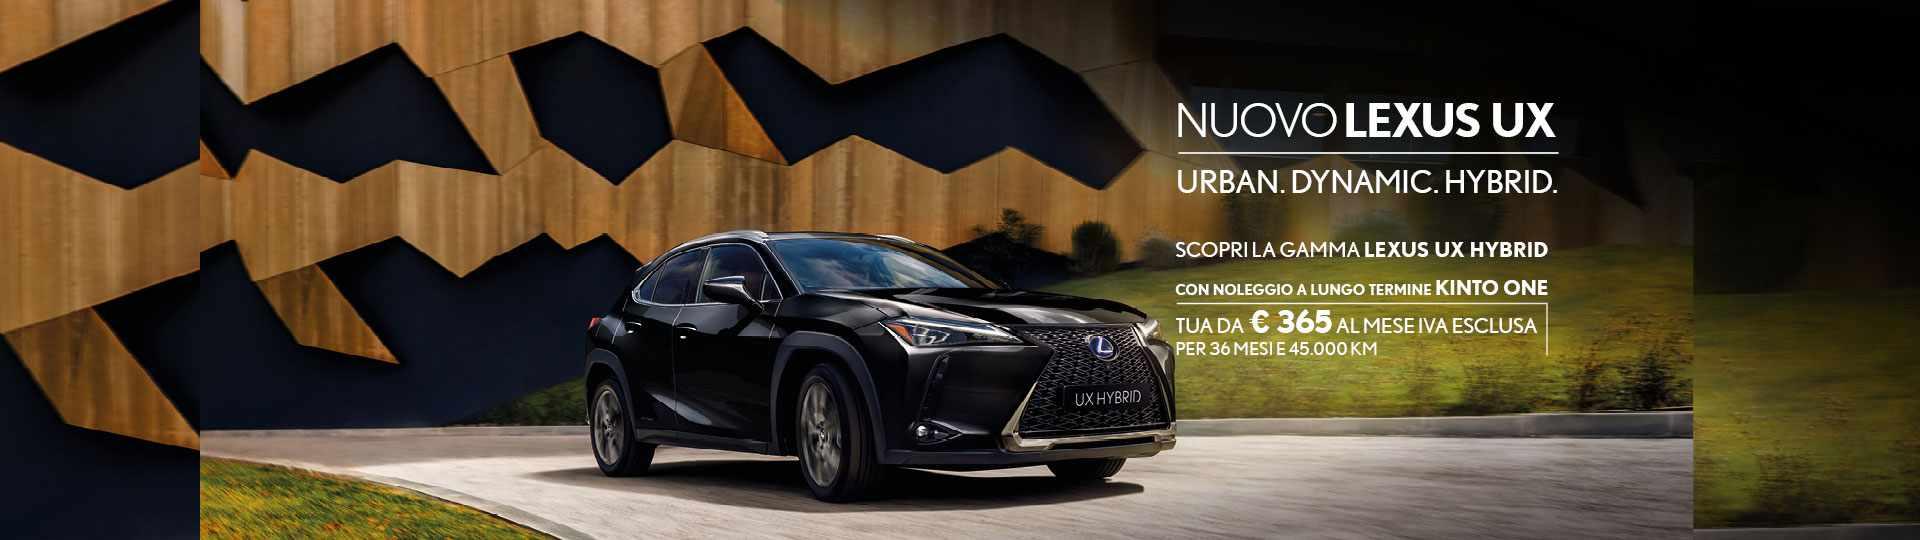 Lexus-UX_sito_dicembre-2020-min.jpg